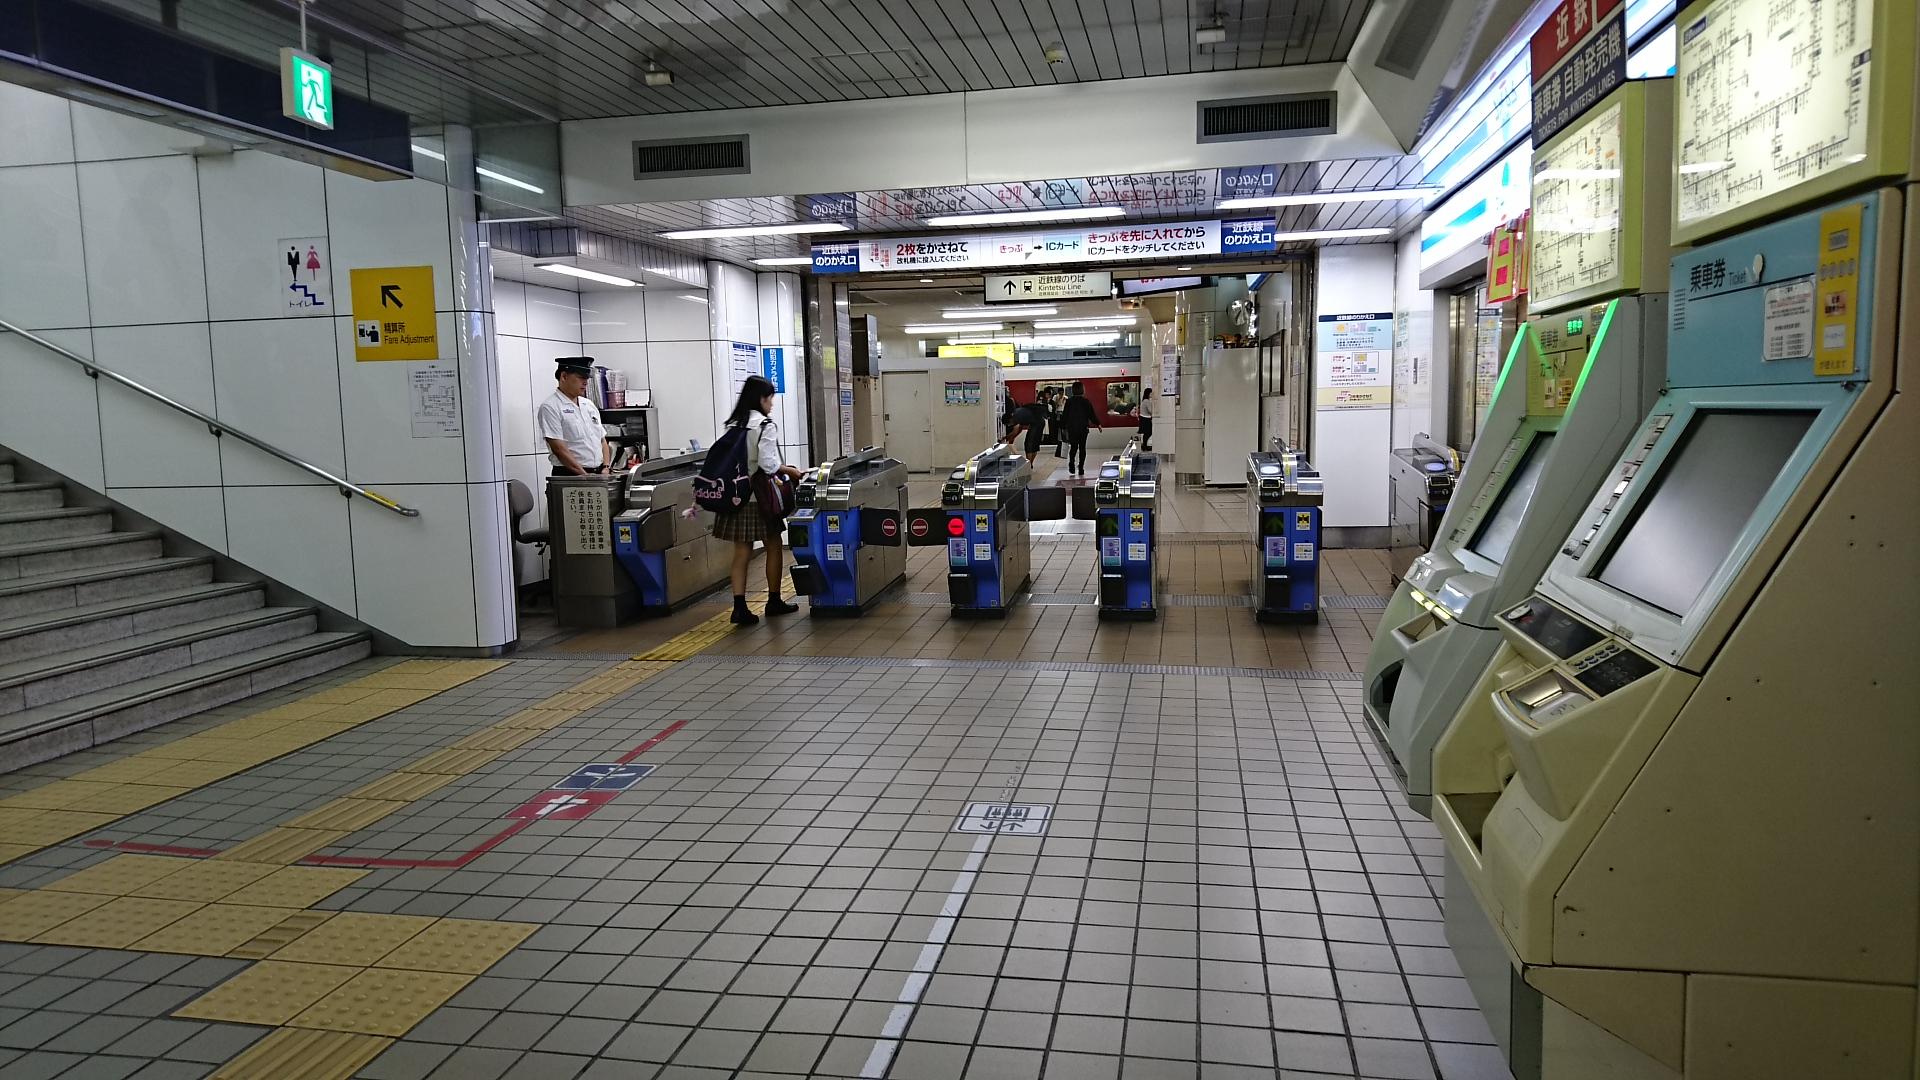 2016.10.19 名鉄名古屋駅のななつのかいさつぐち (7) 近鉄連絡かいさつぐち